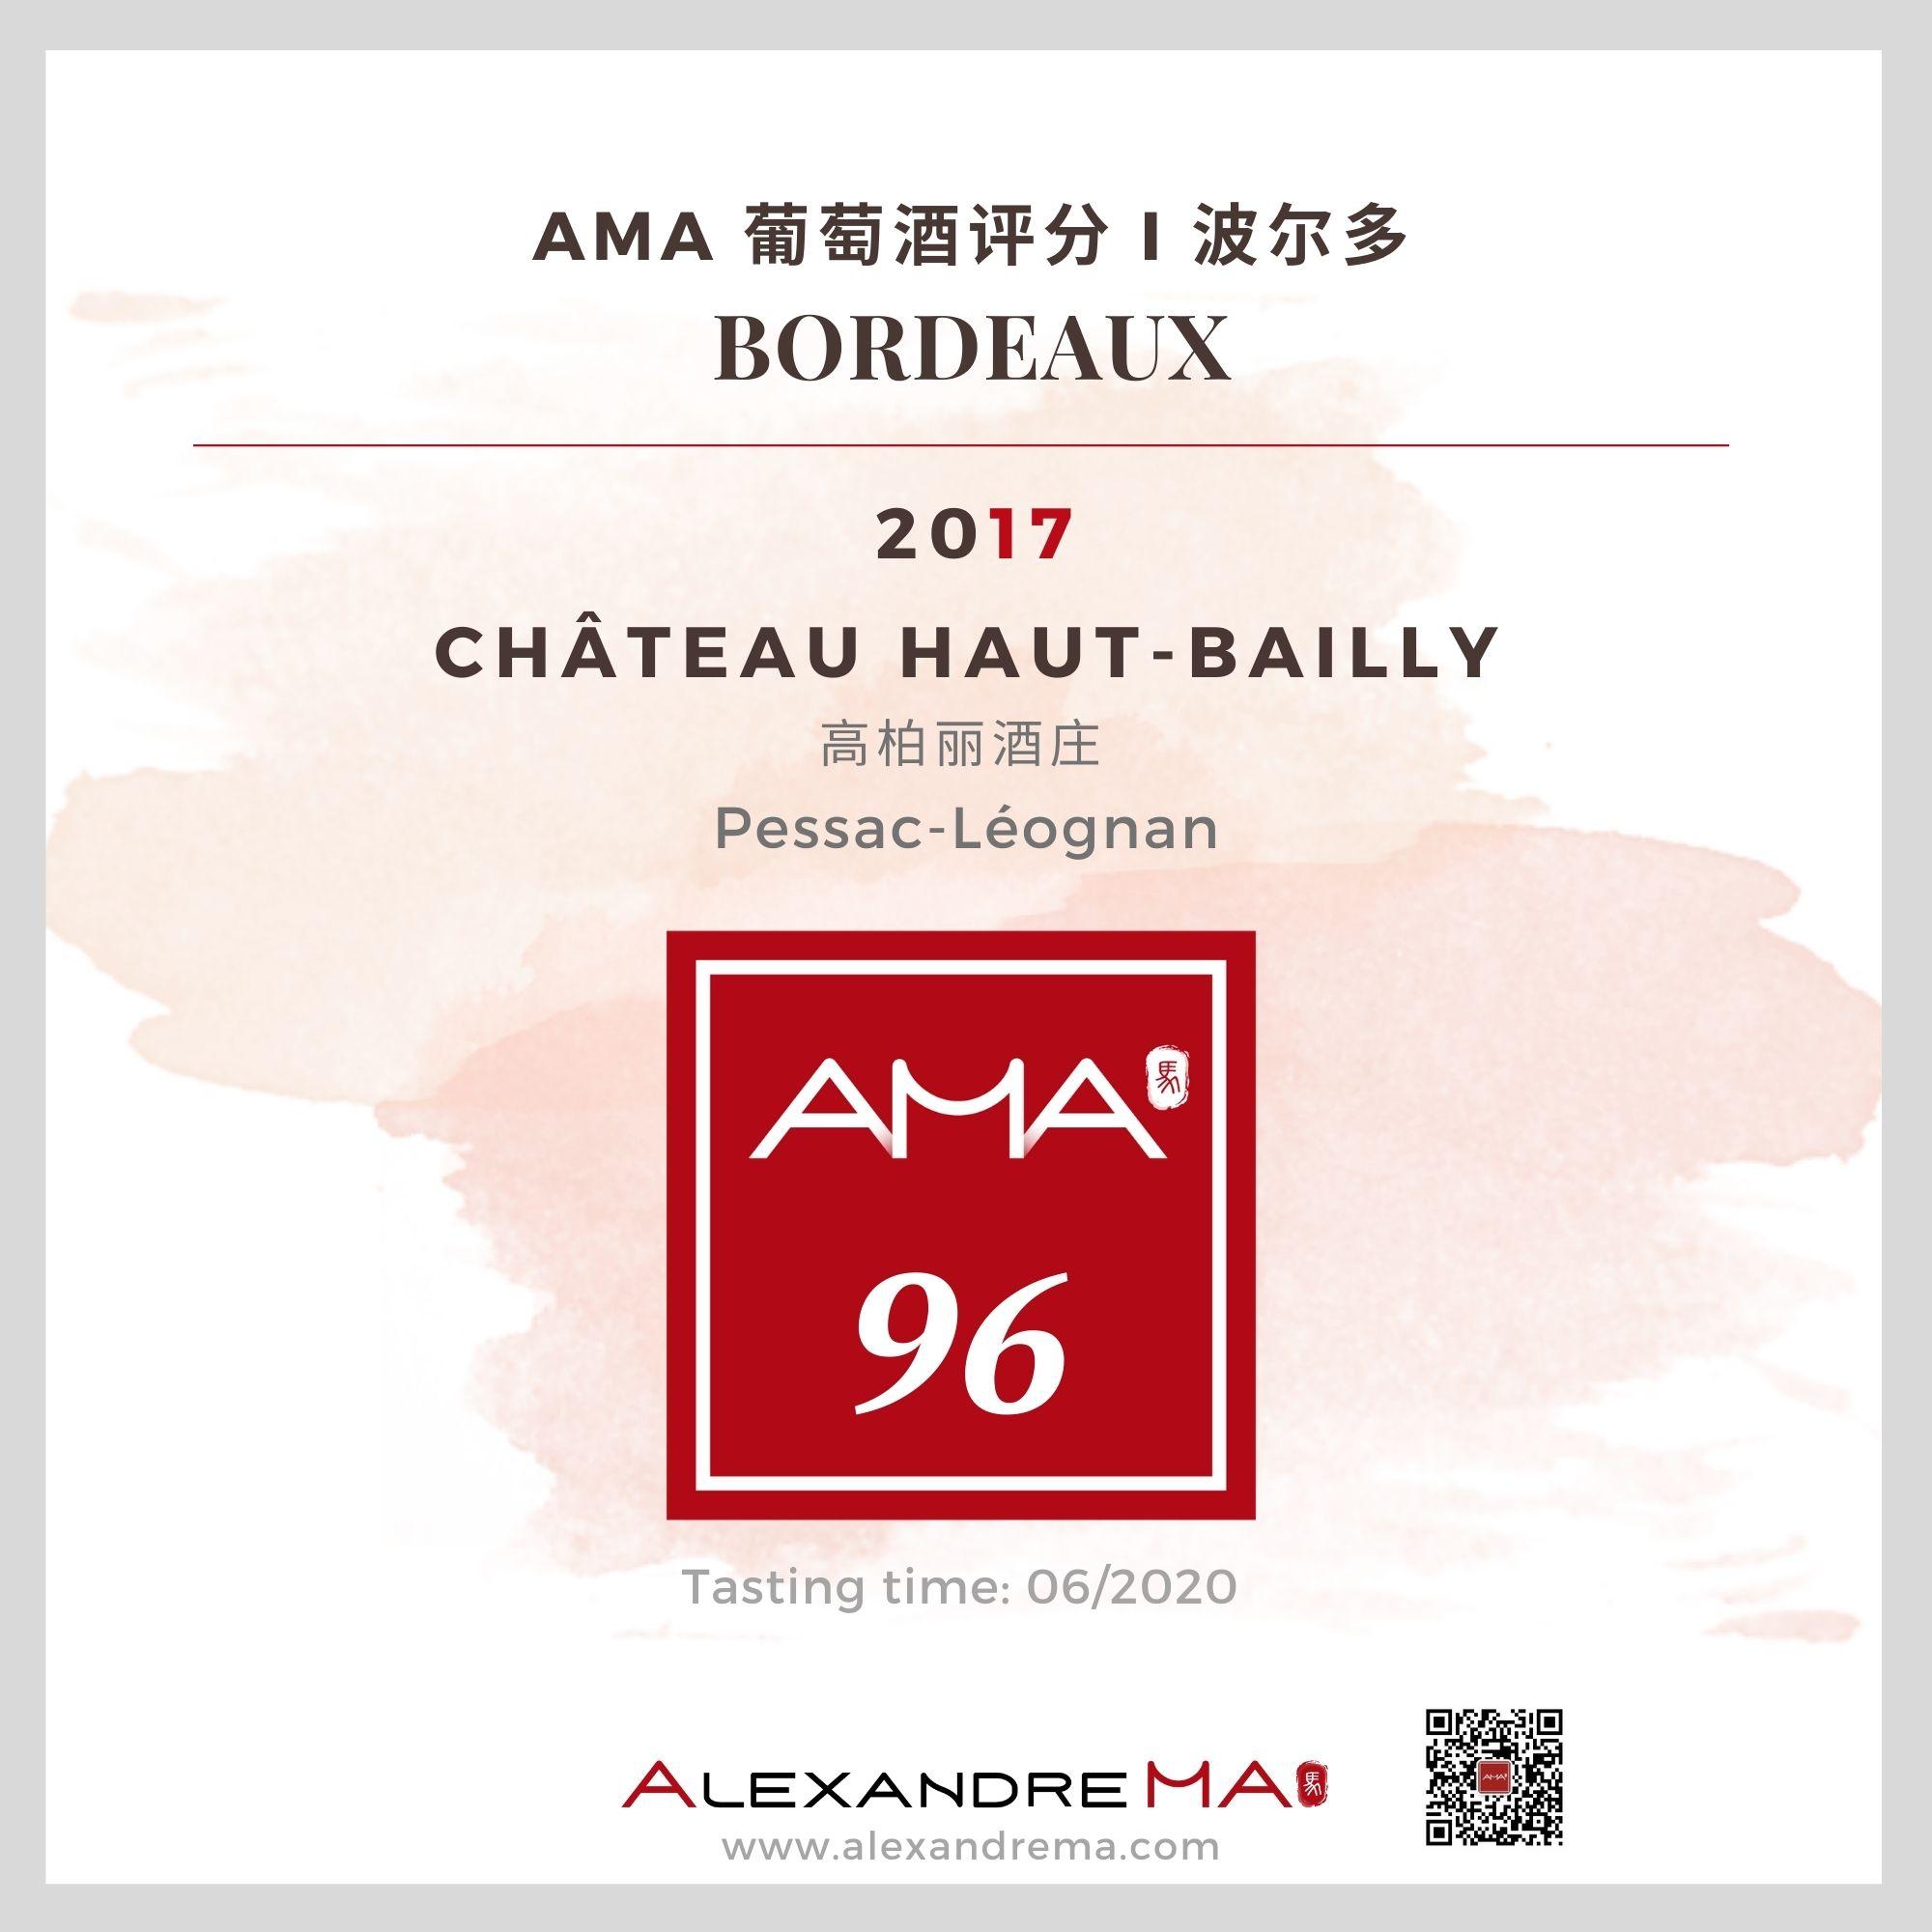 Château Haut-Bailly 2017 高柏丽酒庄 - Alexandre Ma